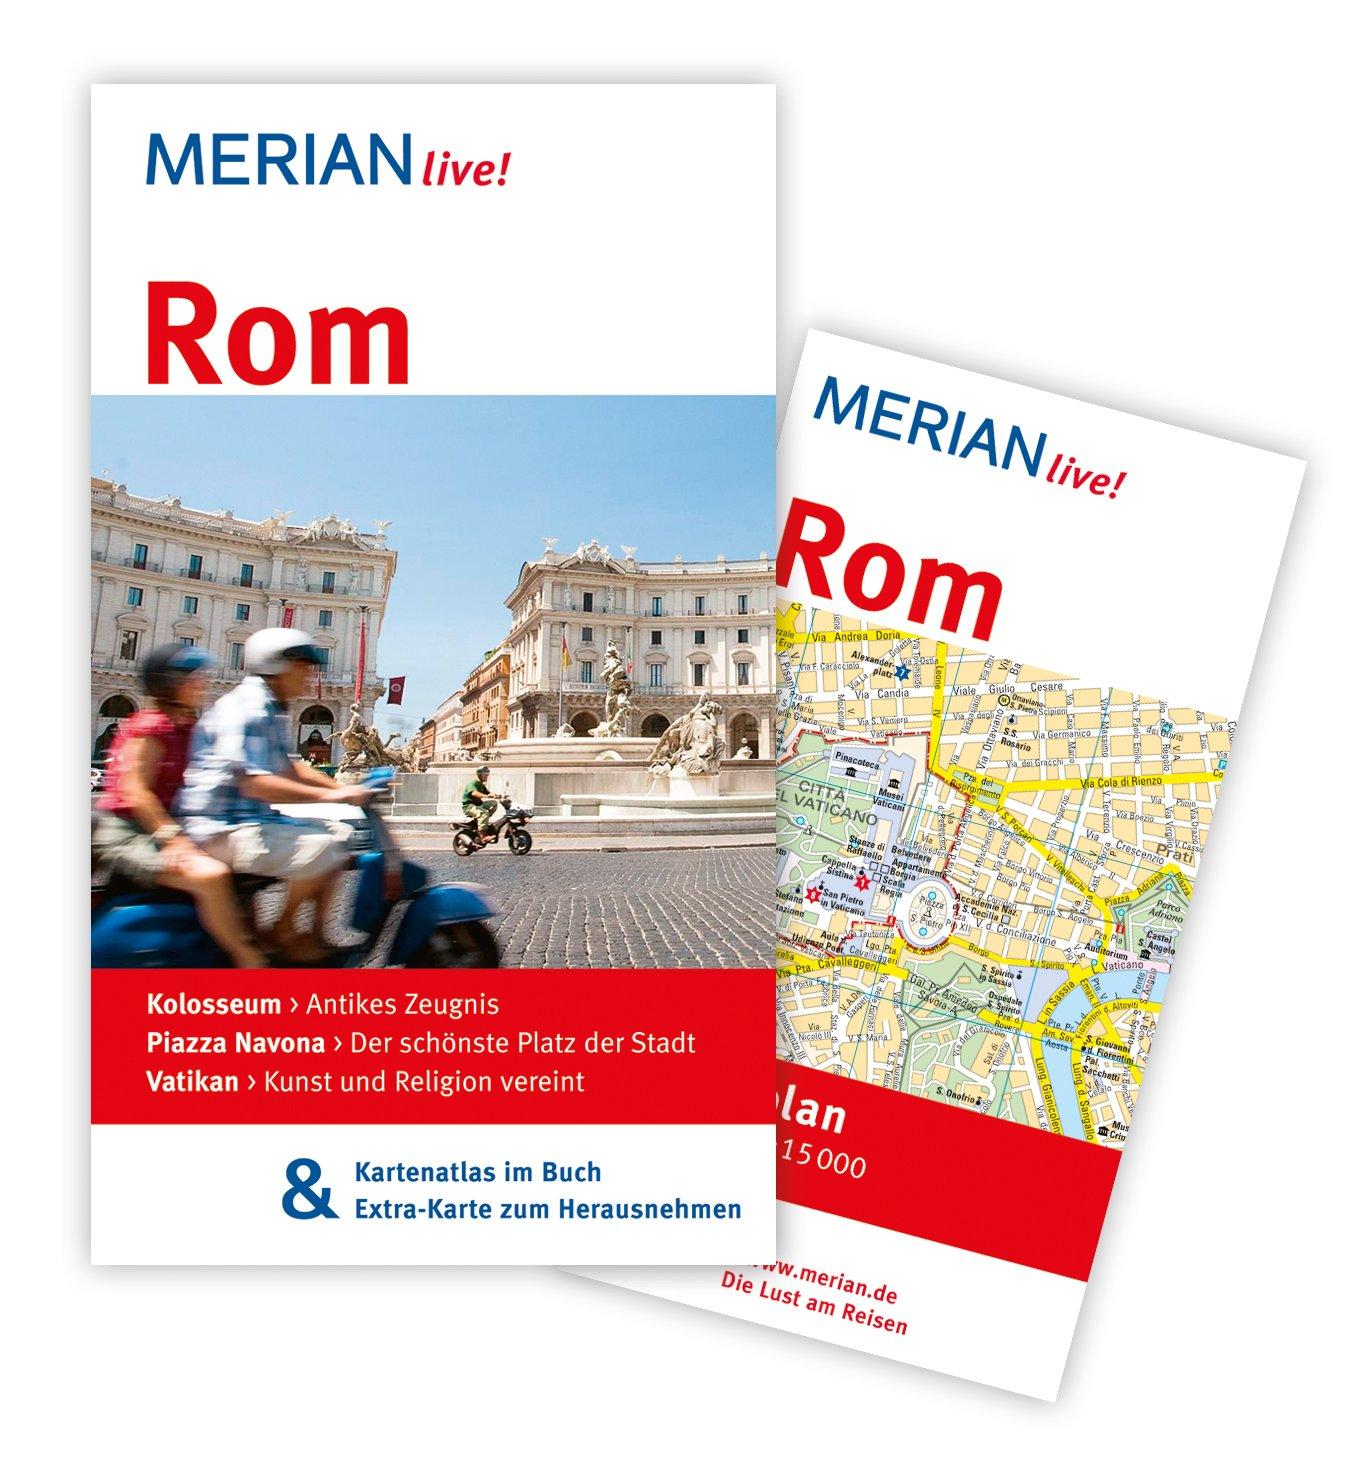 MERIAN live! Reiseführer Rom: MERIAN live! - Mit Kartenatlas im Buch und Extra-Karte zum Herausnehmen